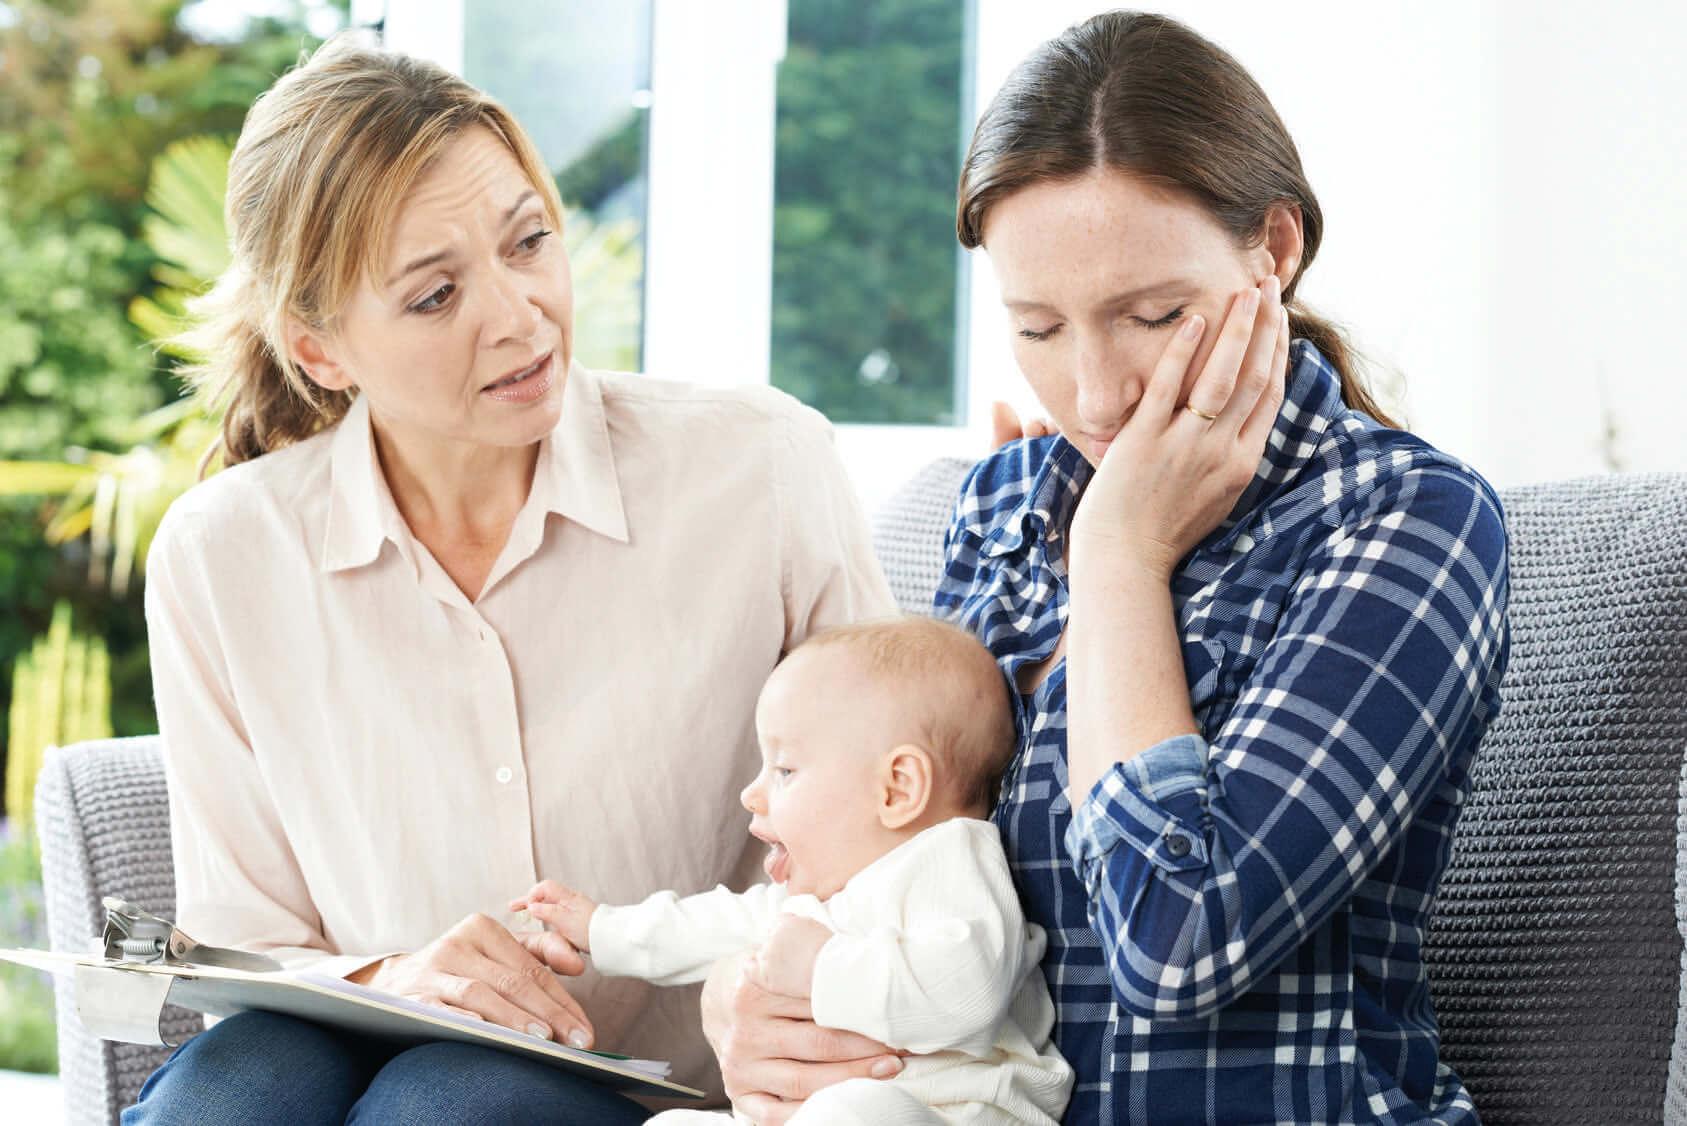 So vielfältig wie die Ursachen, so vielfältig sind auch die Hilfsmaßnahmen. Es gibt Selbsthilfe, professionelle Beratung, Psychotherapie, alternativ-medizinische und naturheilkundliche Therapien, Psychopharmakotherapien und stationäre Angebote an psychiatrischen Kliniken. – Eine Frau wendet sich hilfsbereit und einfühlsam einer erschöpften Mutter und ihrem Baby zu.